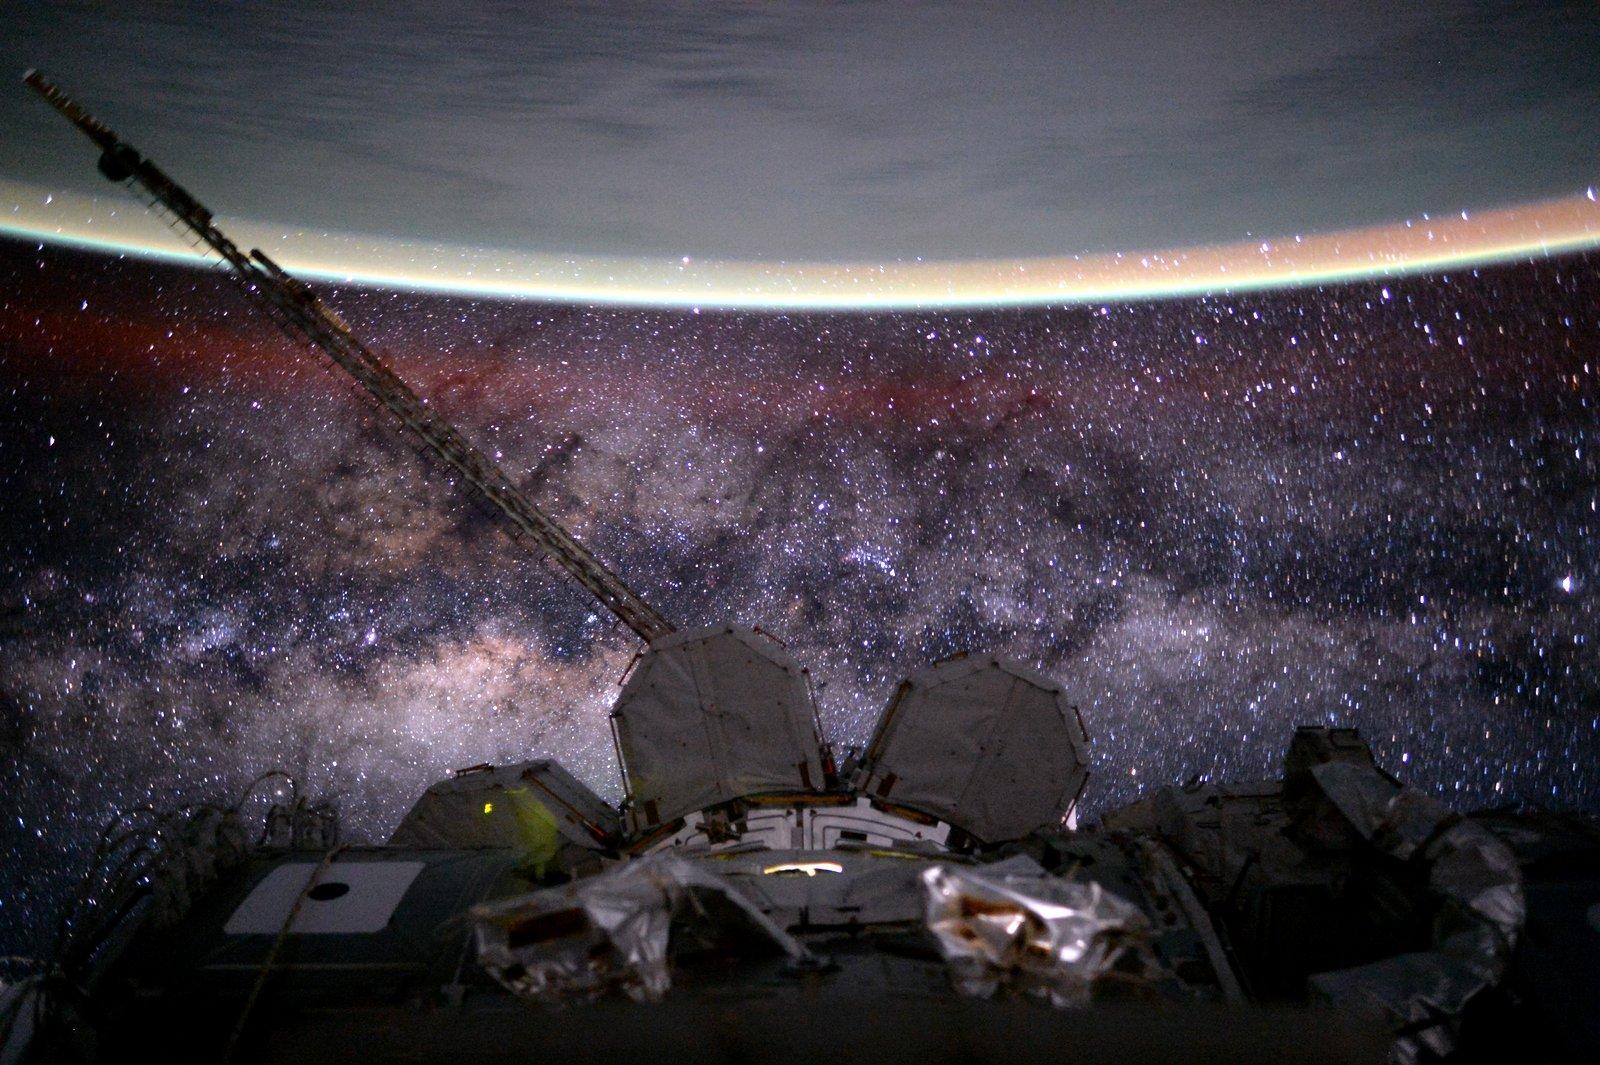 Η Γη και ο Γαλαξίας από το Διάστημα